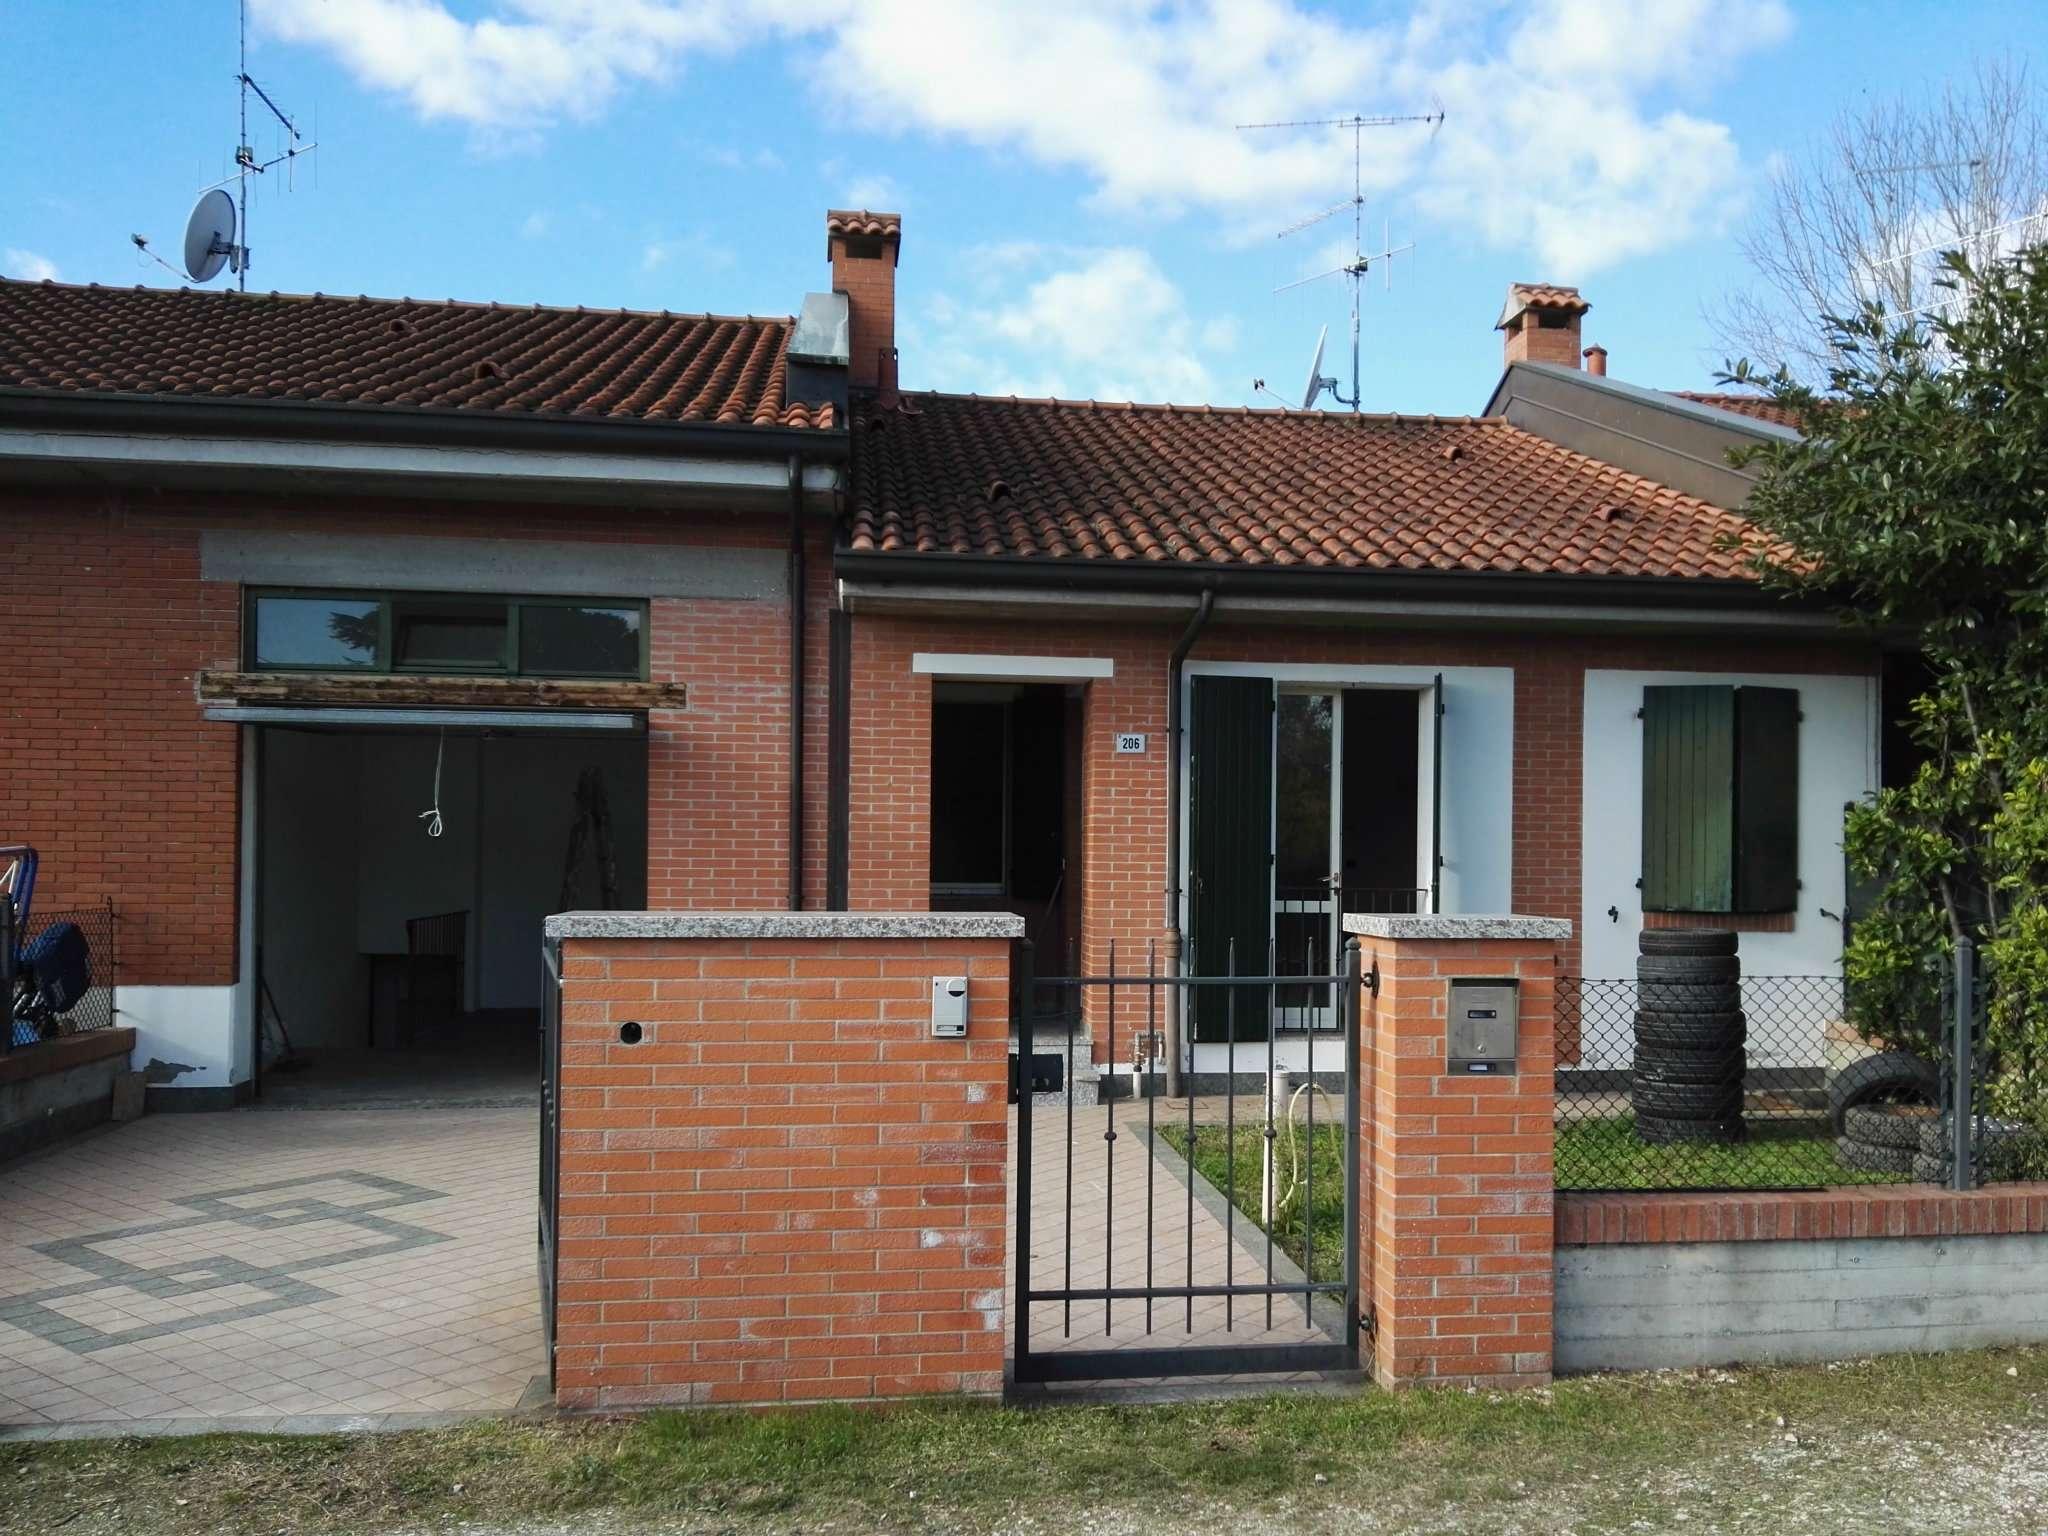 Soluzione Indipendente in vendita a Cesena, 4 locali, prezzo € 205.000 | Cambio Casa.it